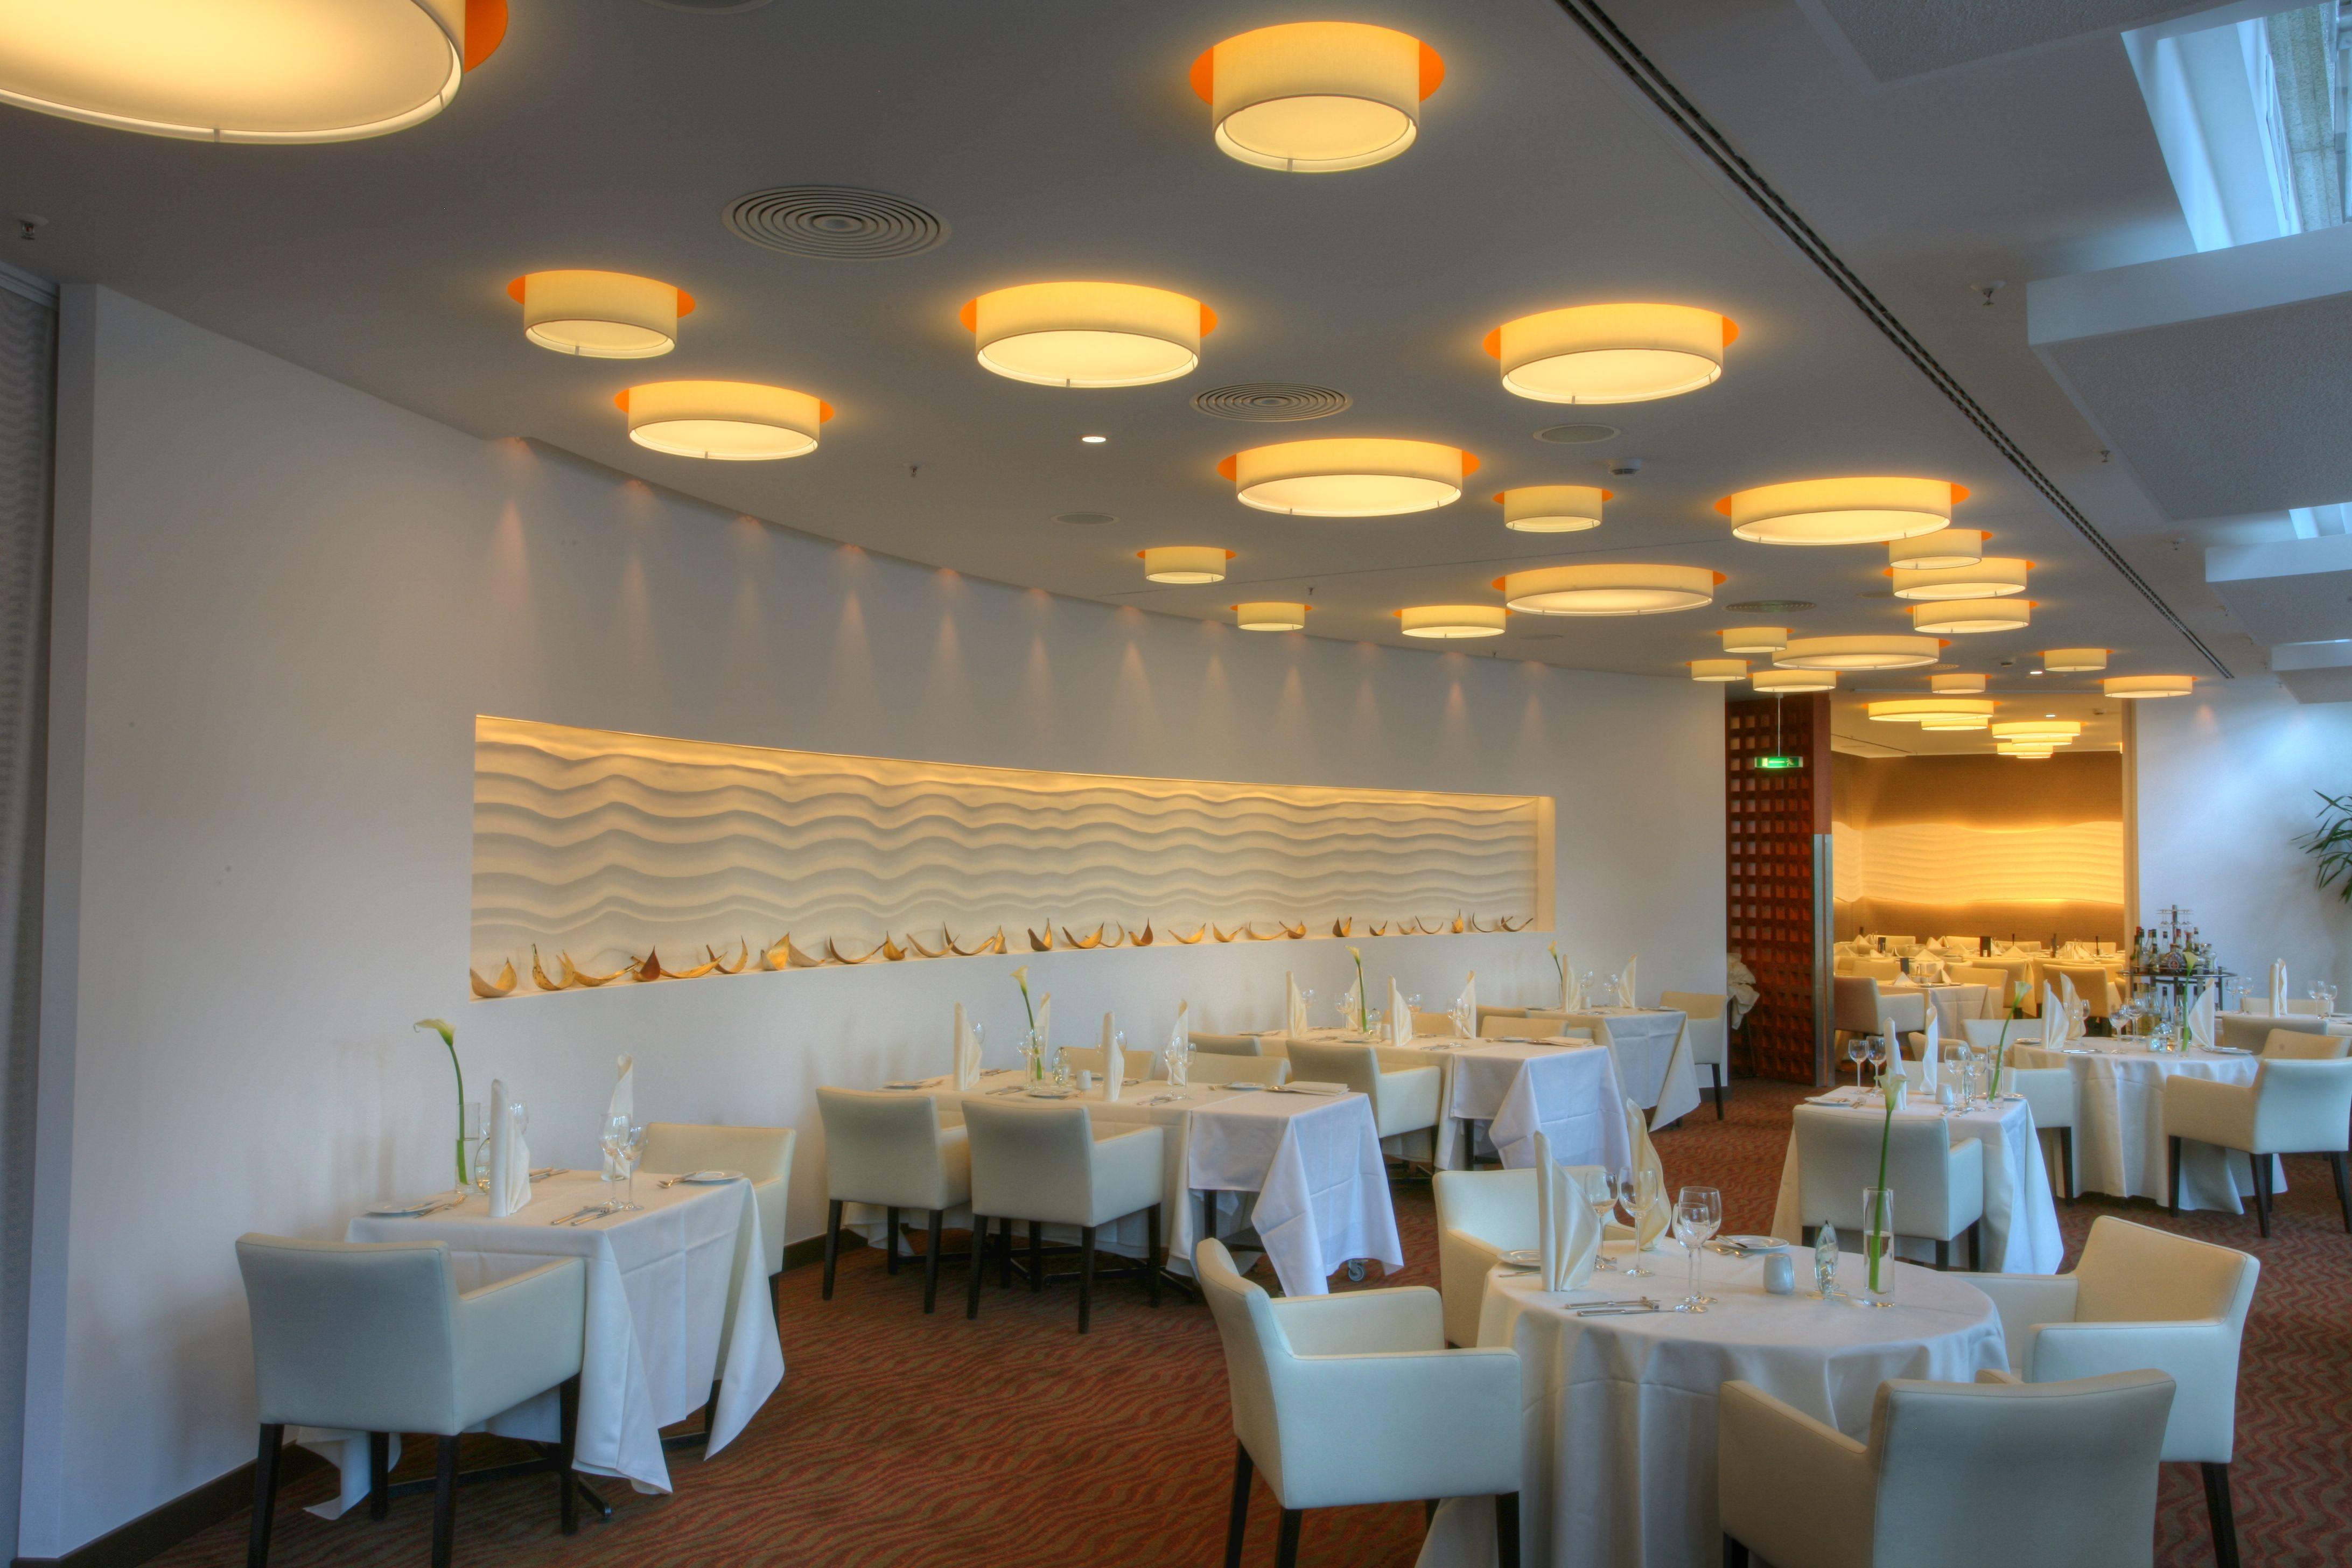 leuchten gastronomie steigenberger hotel hamburg peters leuchten design